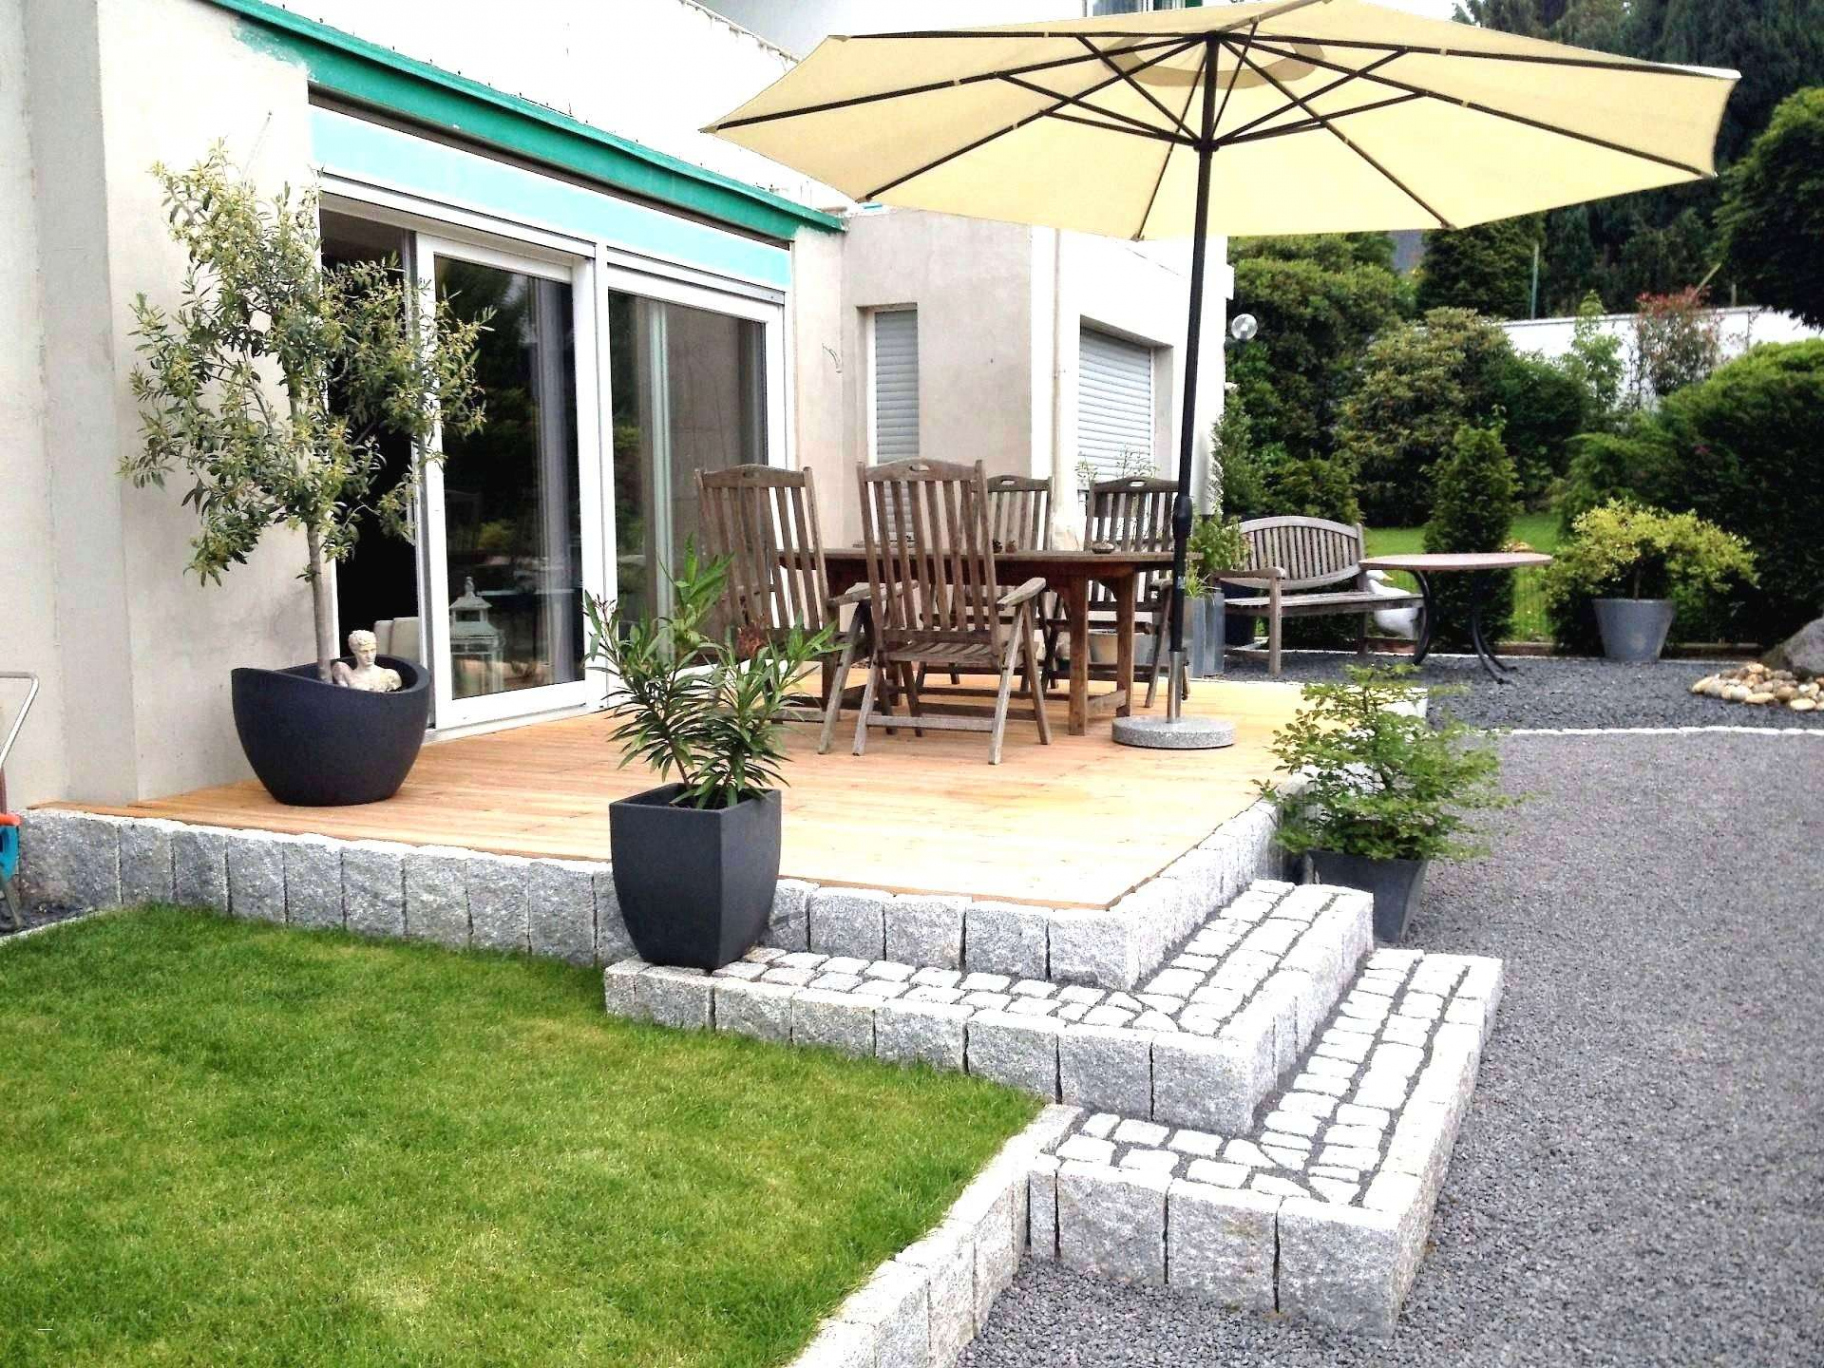 Gartengestaltung Selber Machen Neu Garten Ideen Selber Machen — Temobardz Home Blog